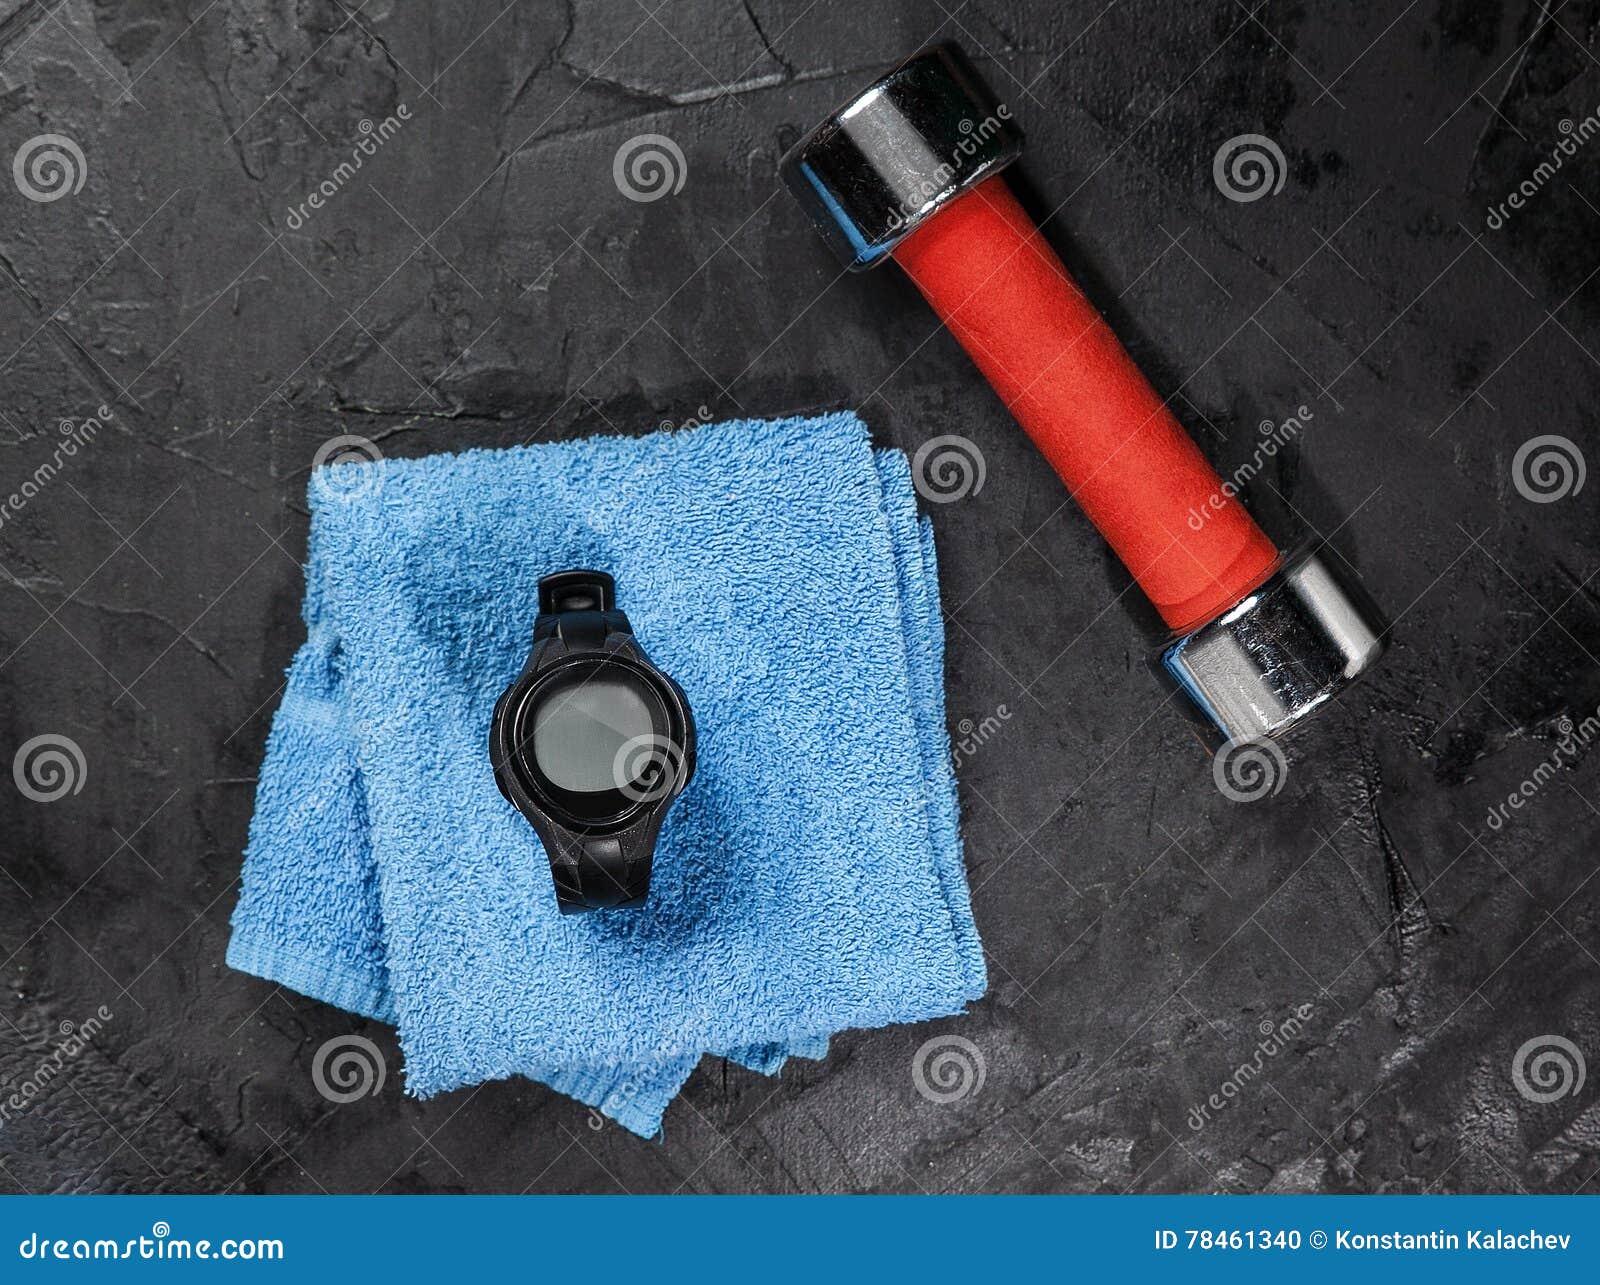 Monitor da frequência cardíaca na toalha azul perto da bola de futebol